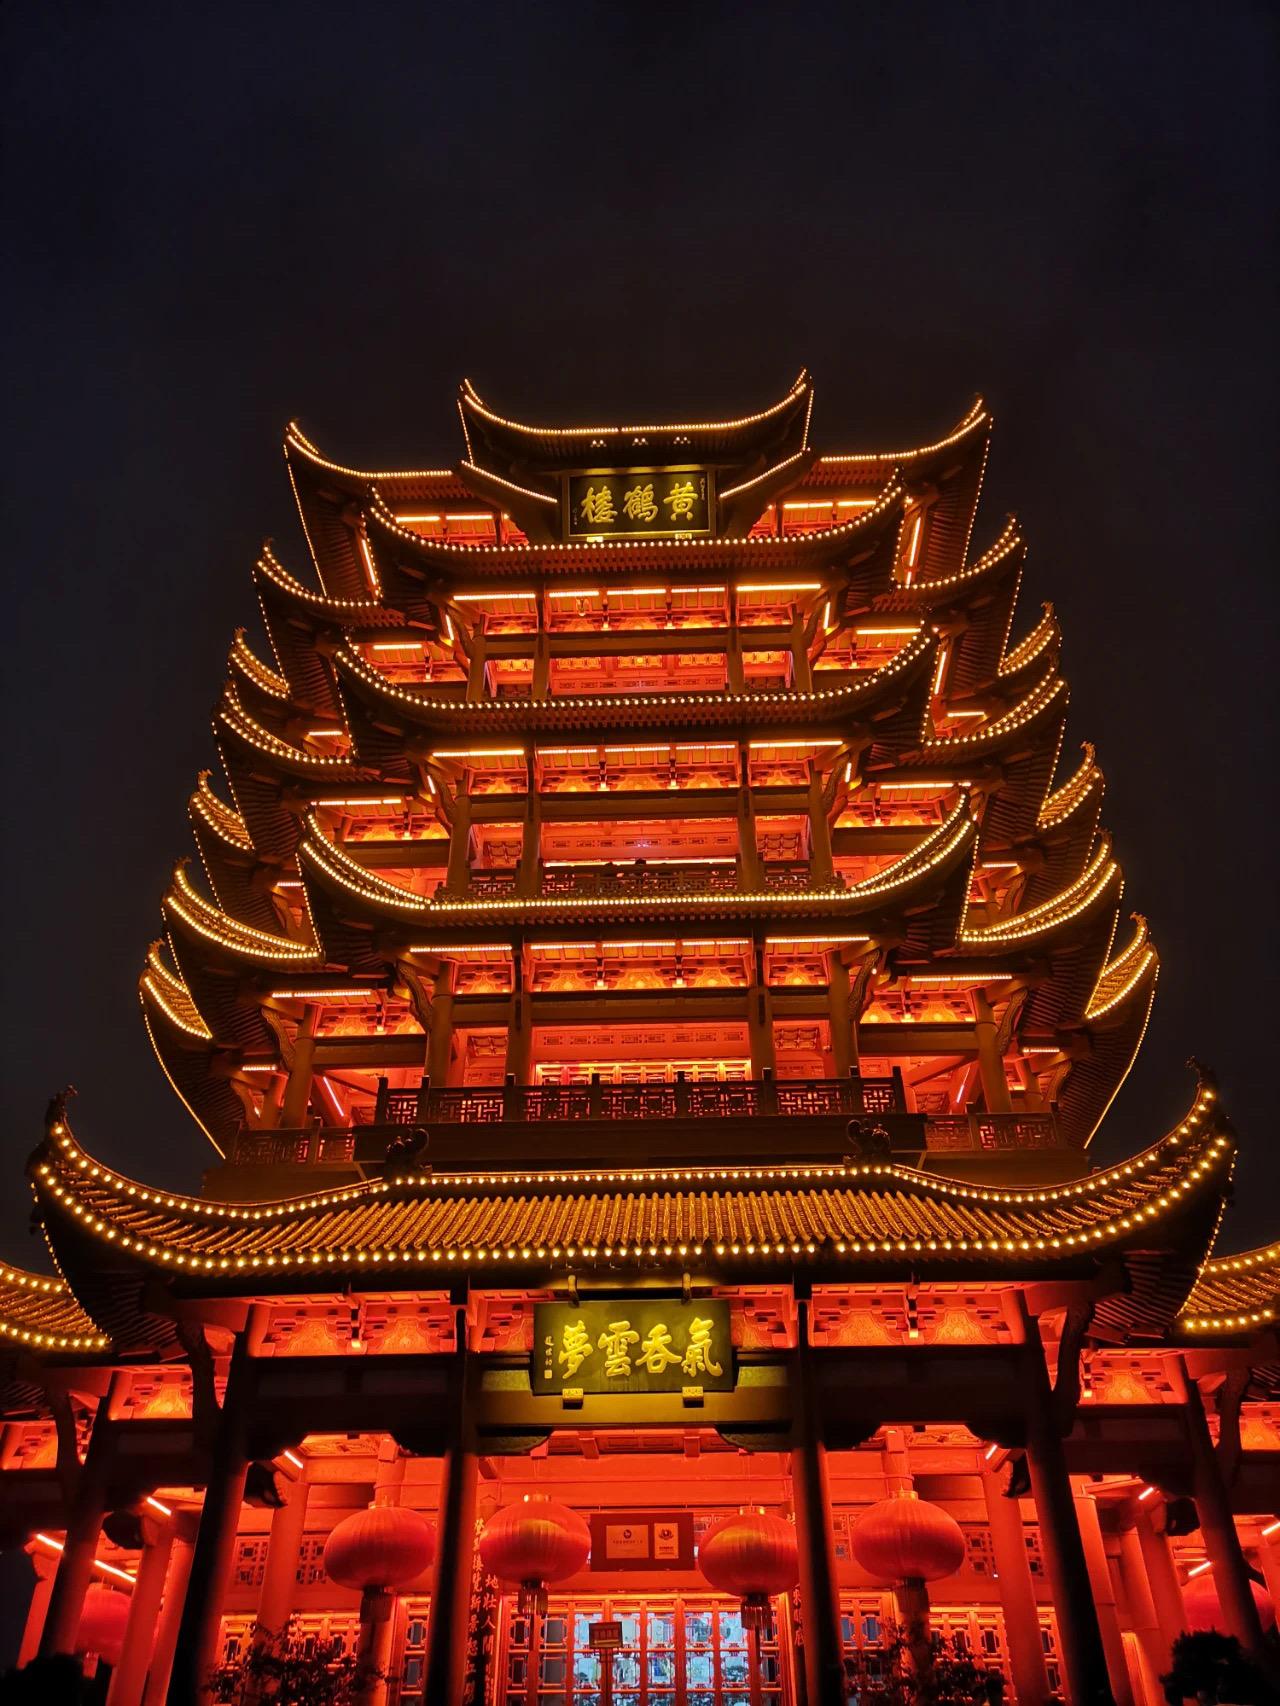 """国庆期间,武汉地标黄鹤楼开启沉浸式夜游模式。 微信公号""""武汉文旅码"""" 图"""